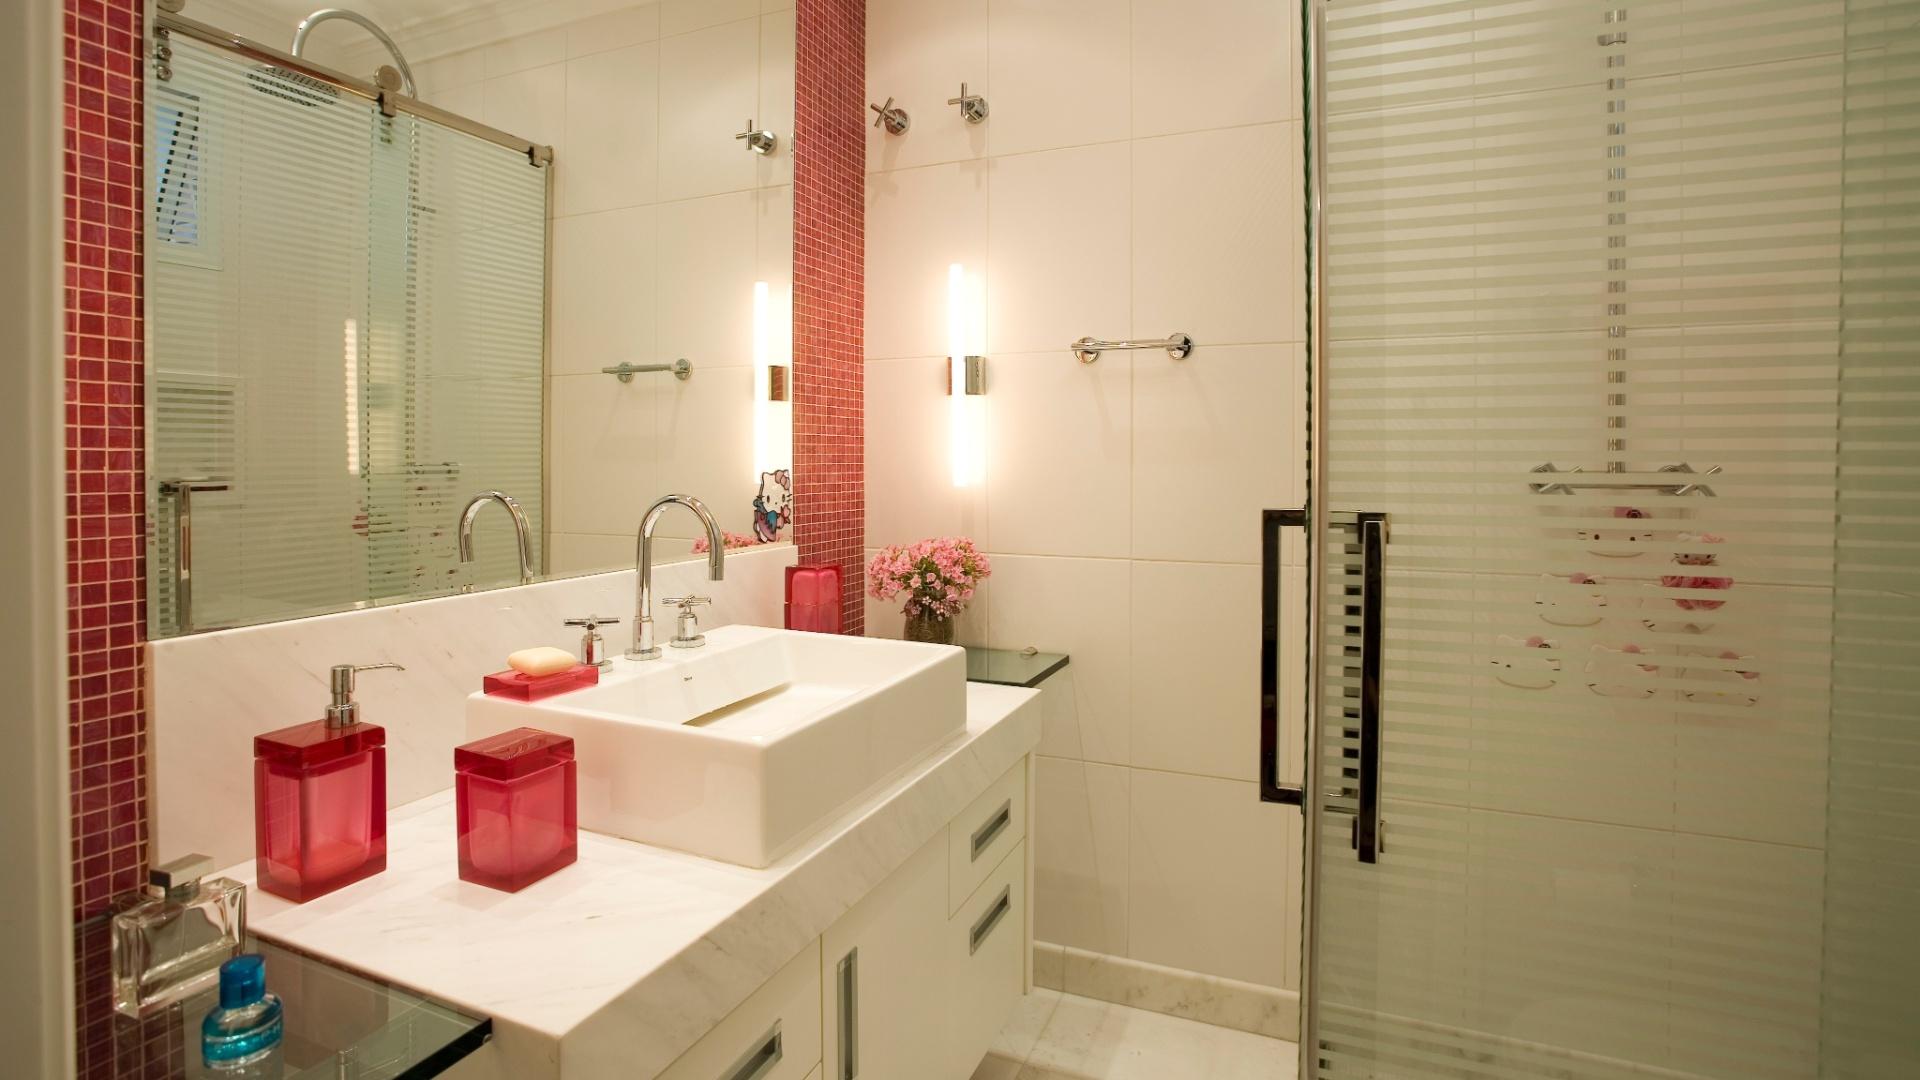 de necessidades do banheiro com 4 m² incluia uma bancada ampla que #1C6C6E 1920x1080 Bancada Banheiro De Vidro